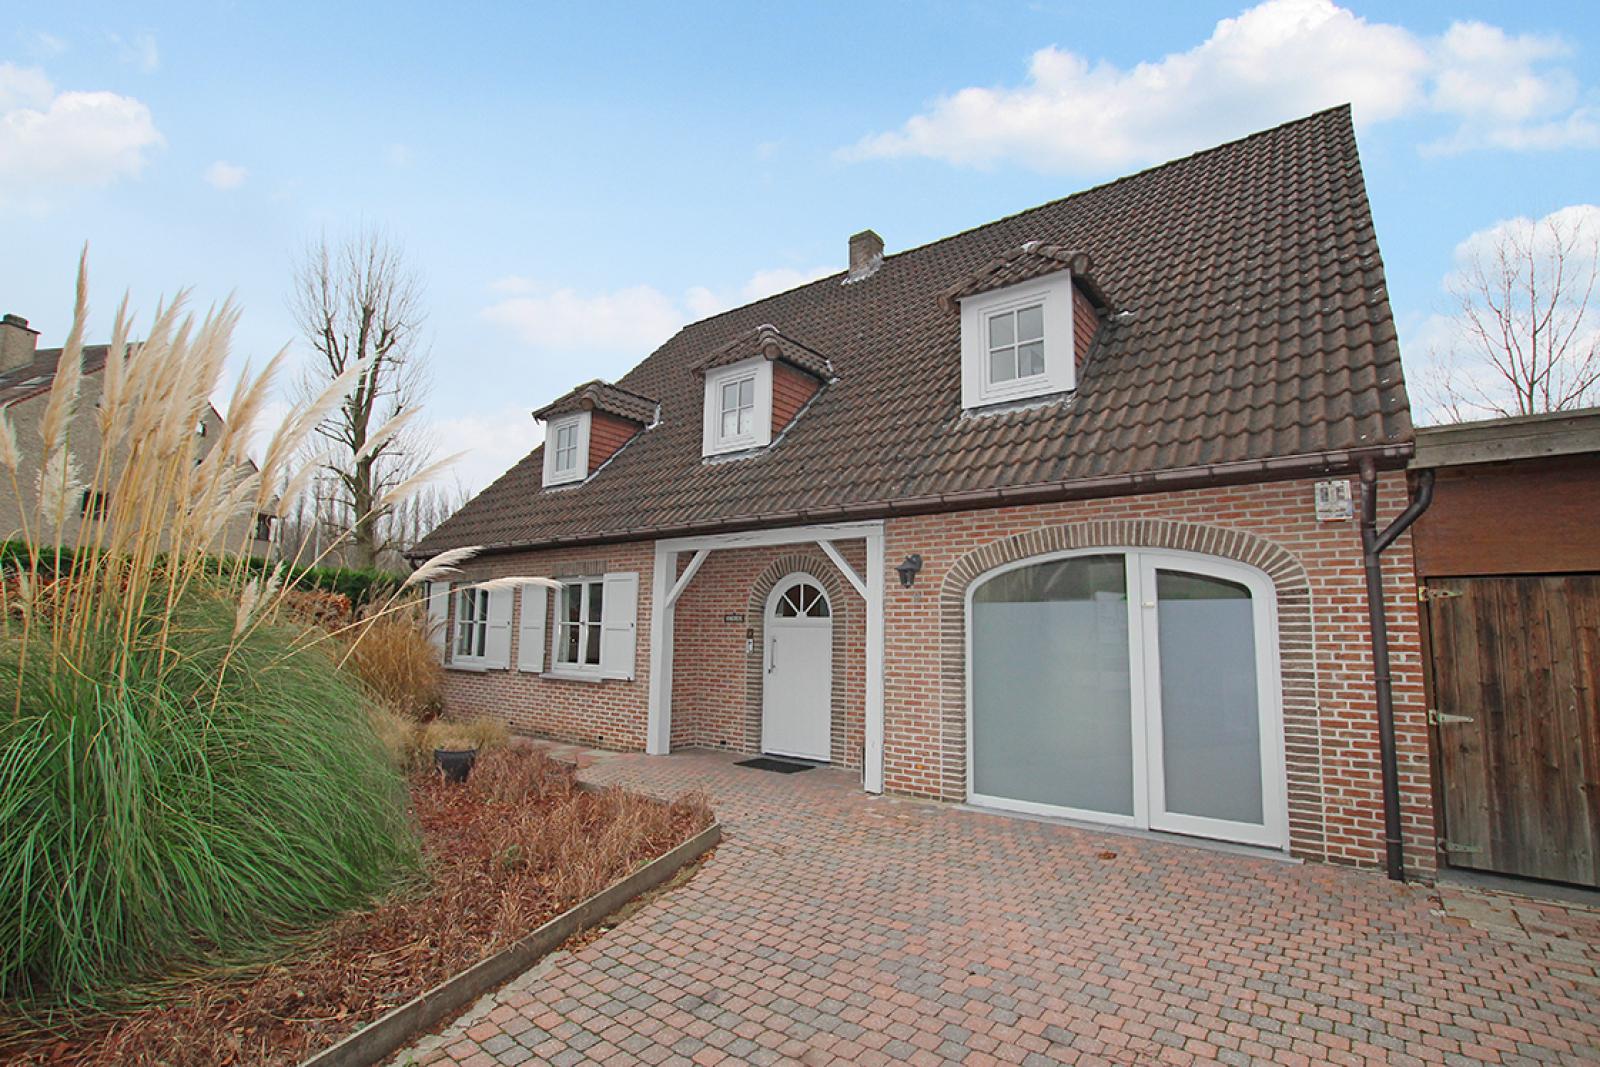 Stijlvolle landelijke villa op een perceel van 1.107 m² in een zeer gegeerd doodlopend straatje te Linkeroever! afbeelding 4